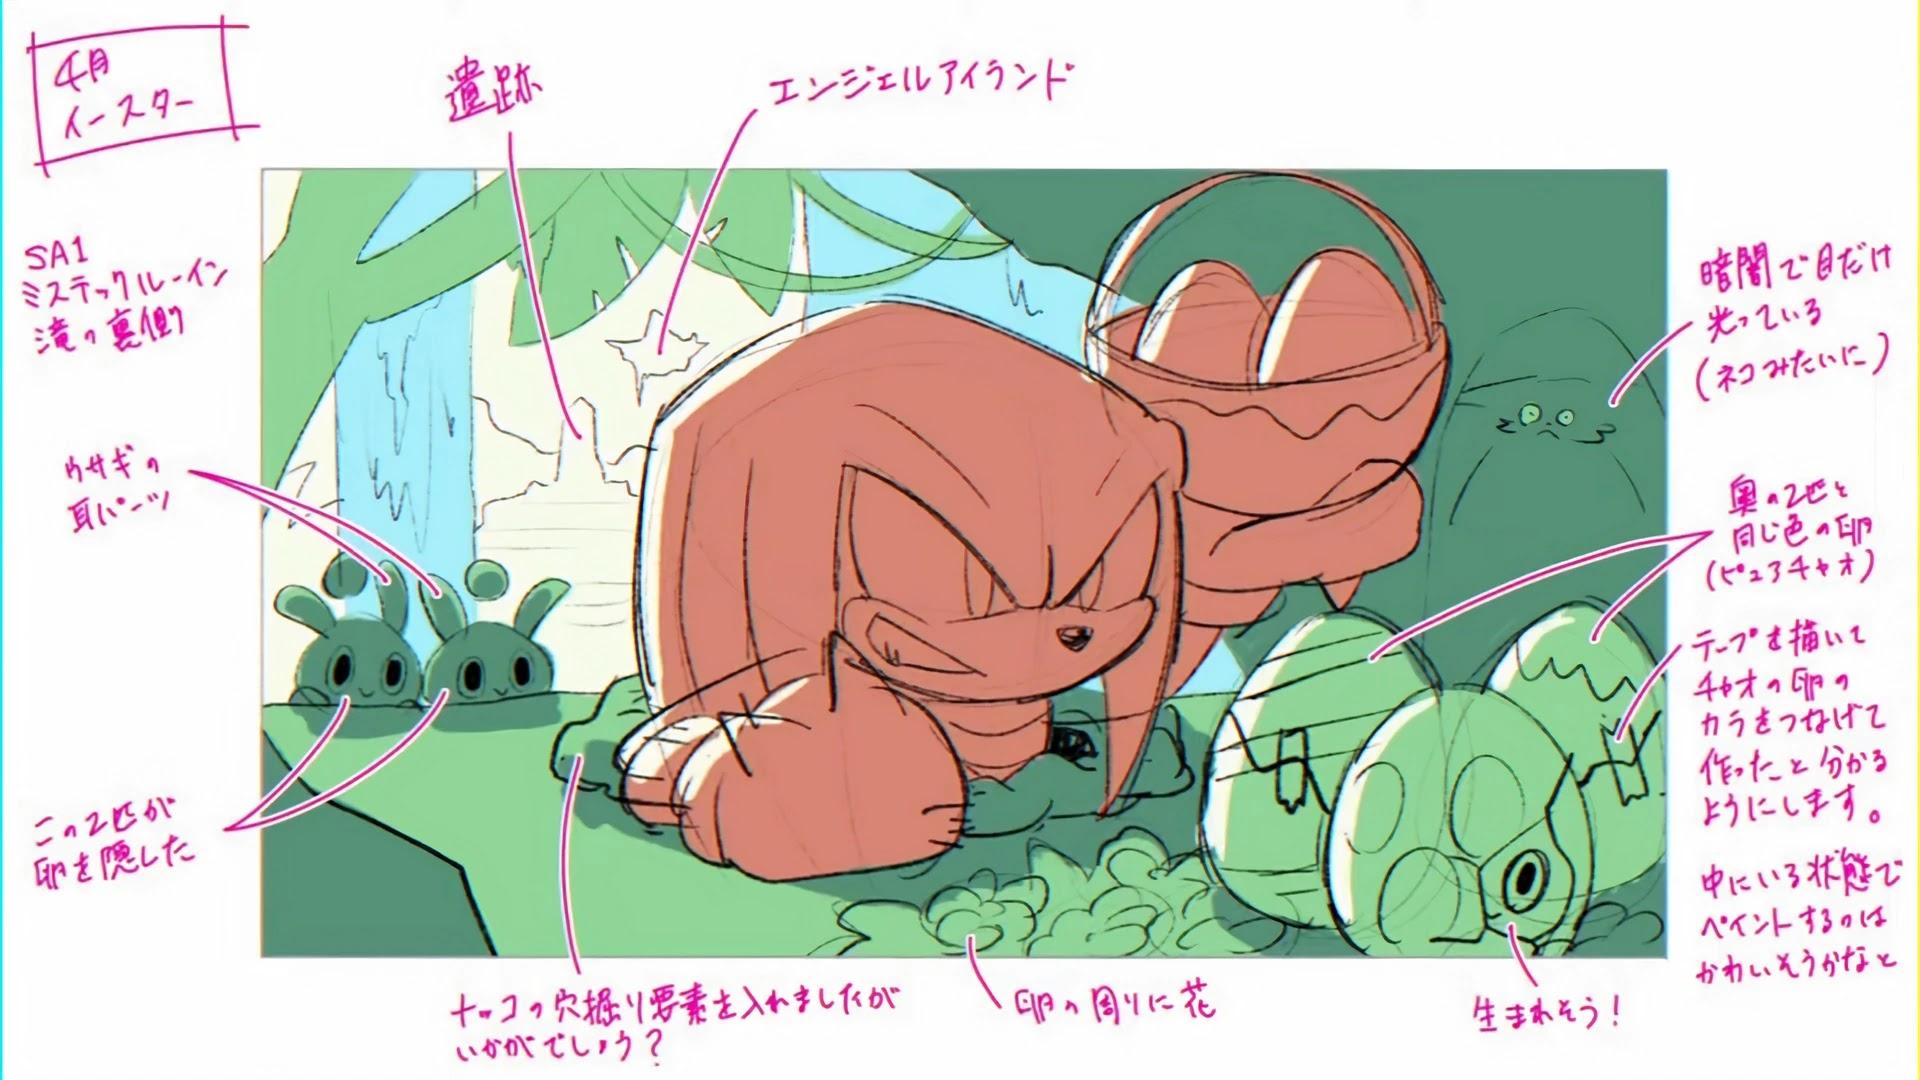 Szkice od Yui Karasuno (23.12.2020)